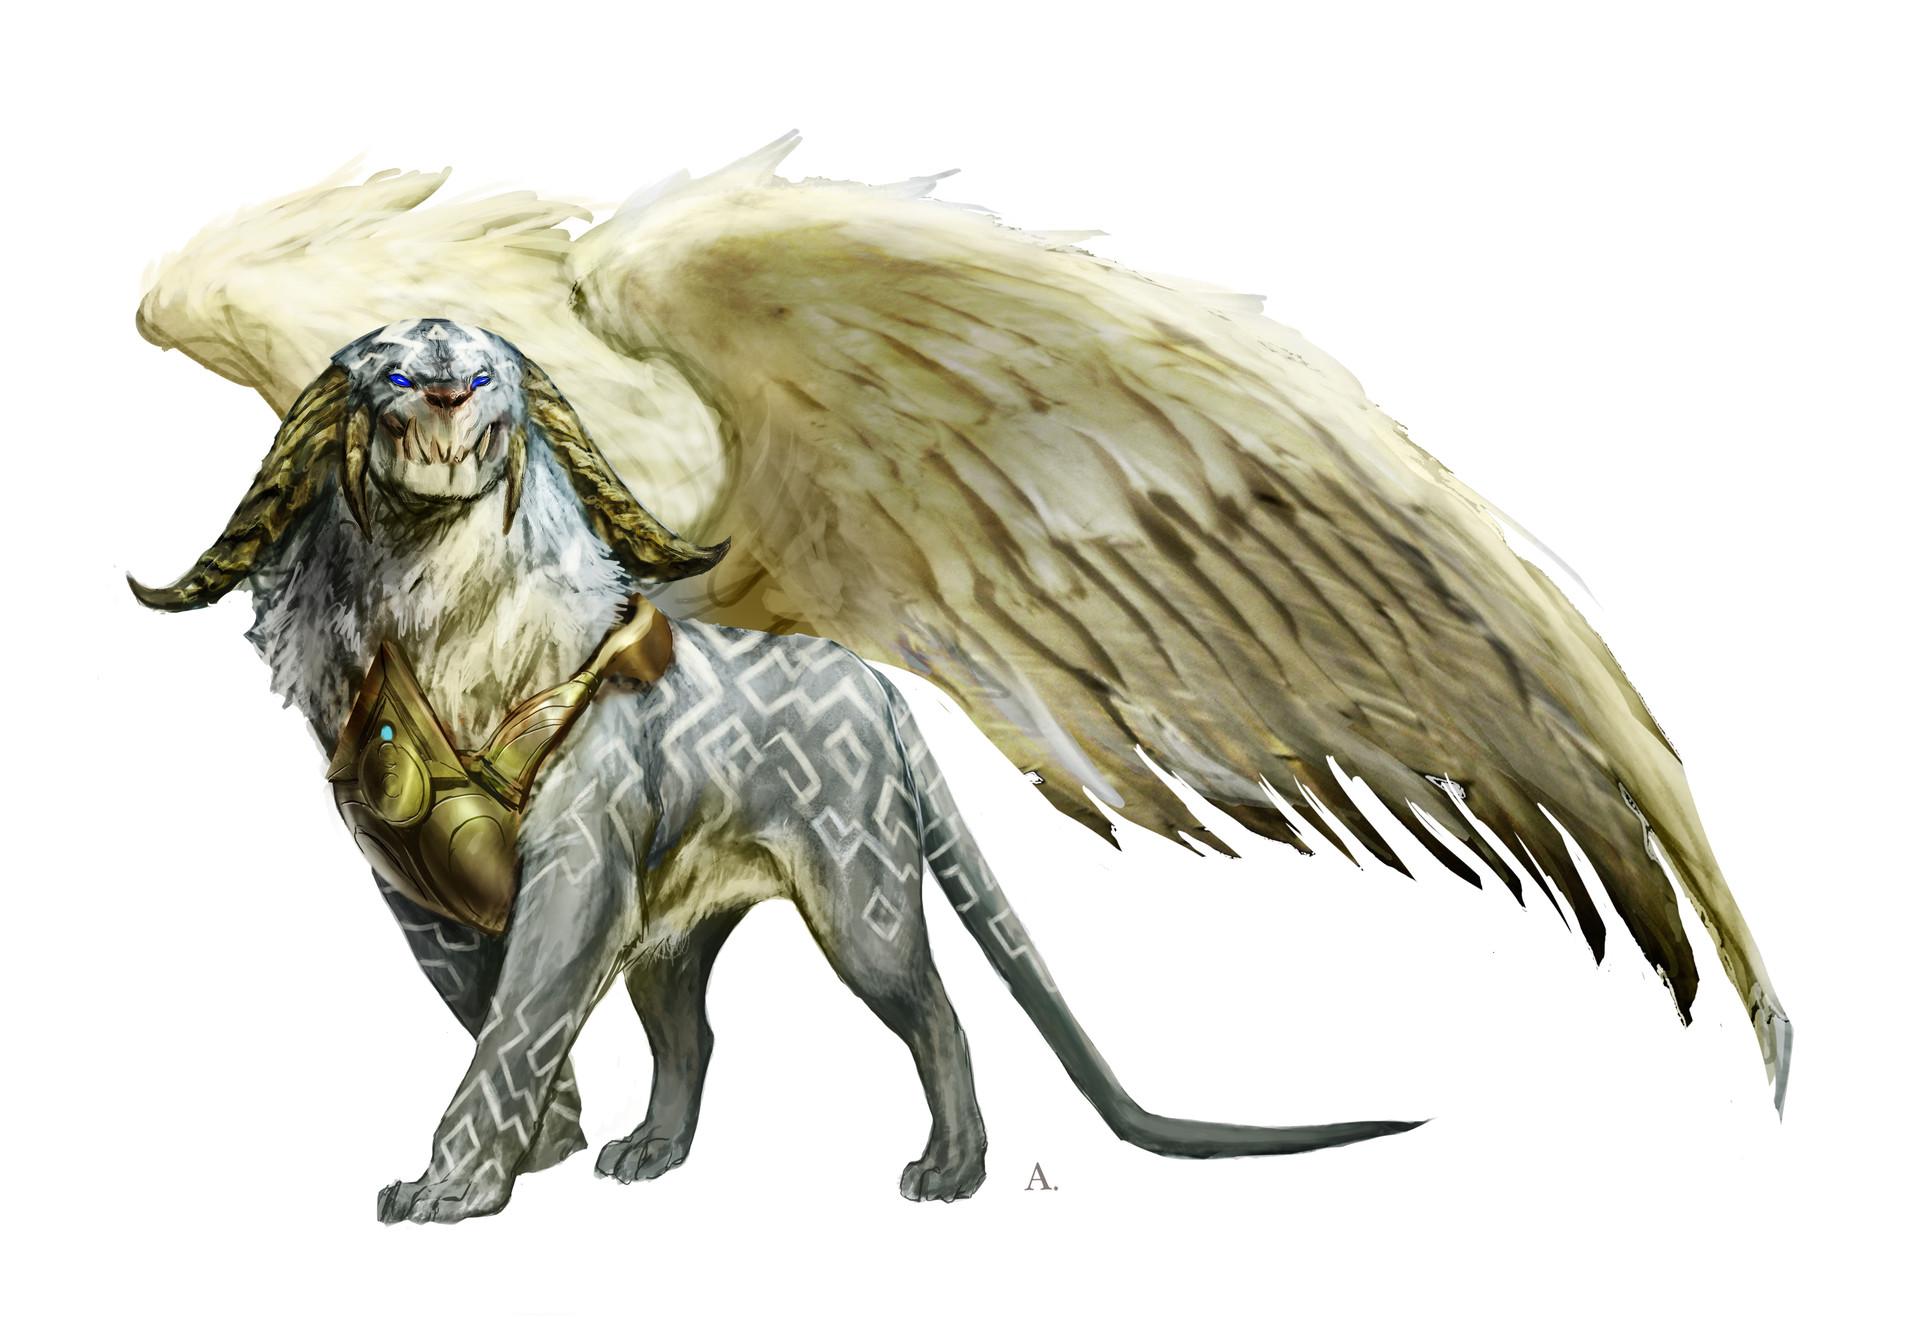 Aleksi briclot magic hook concept azorius creature archon